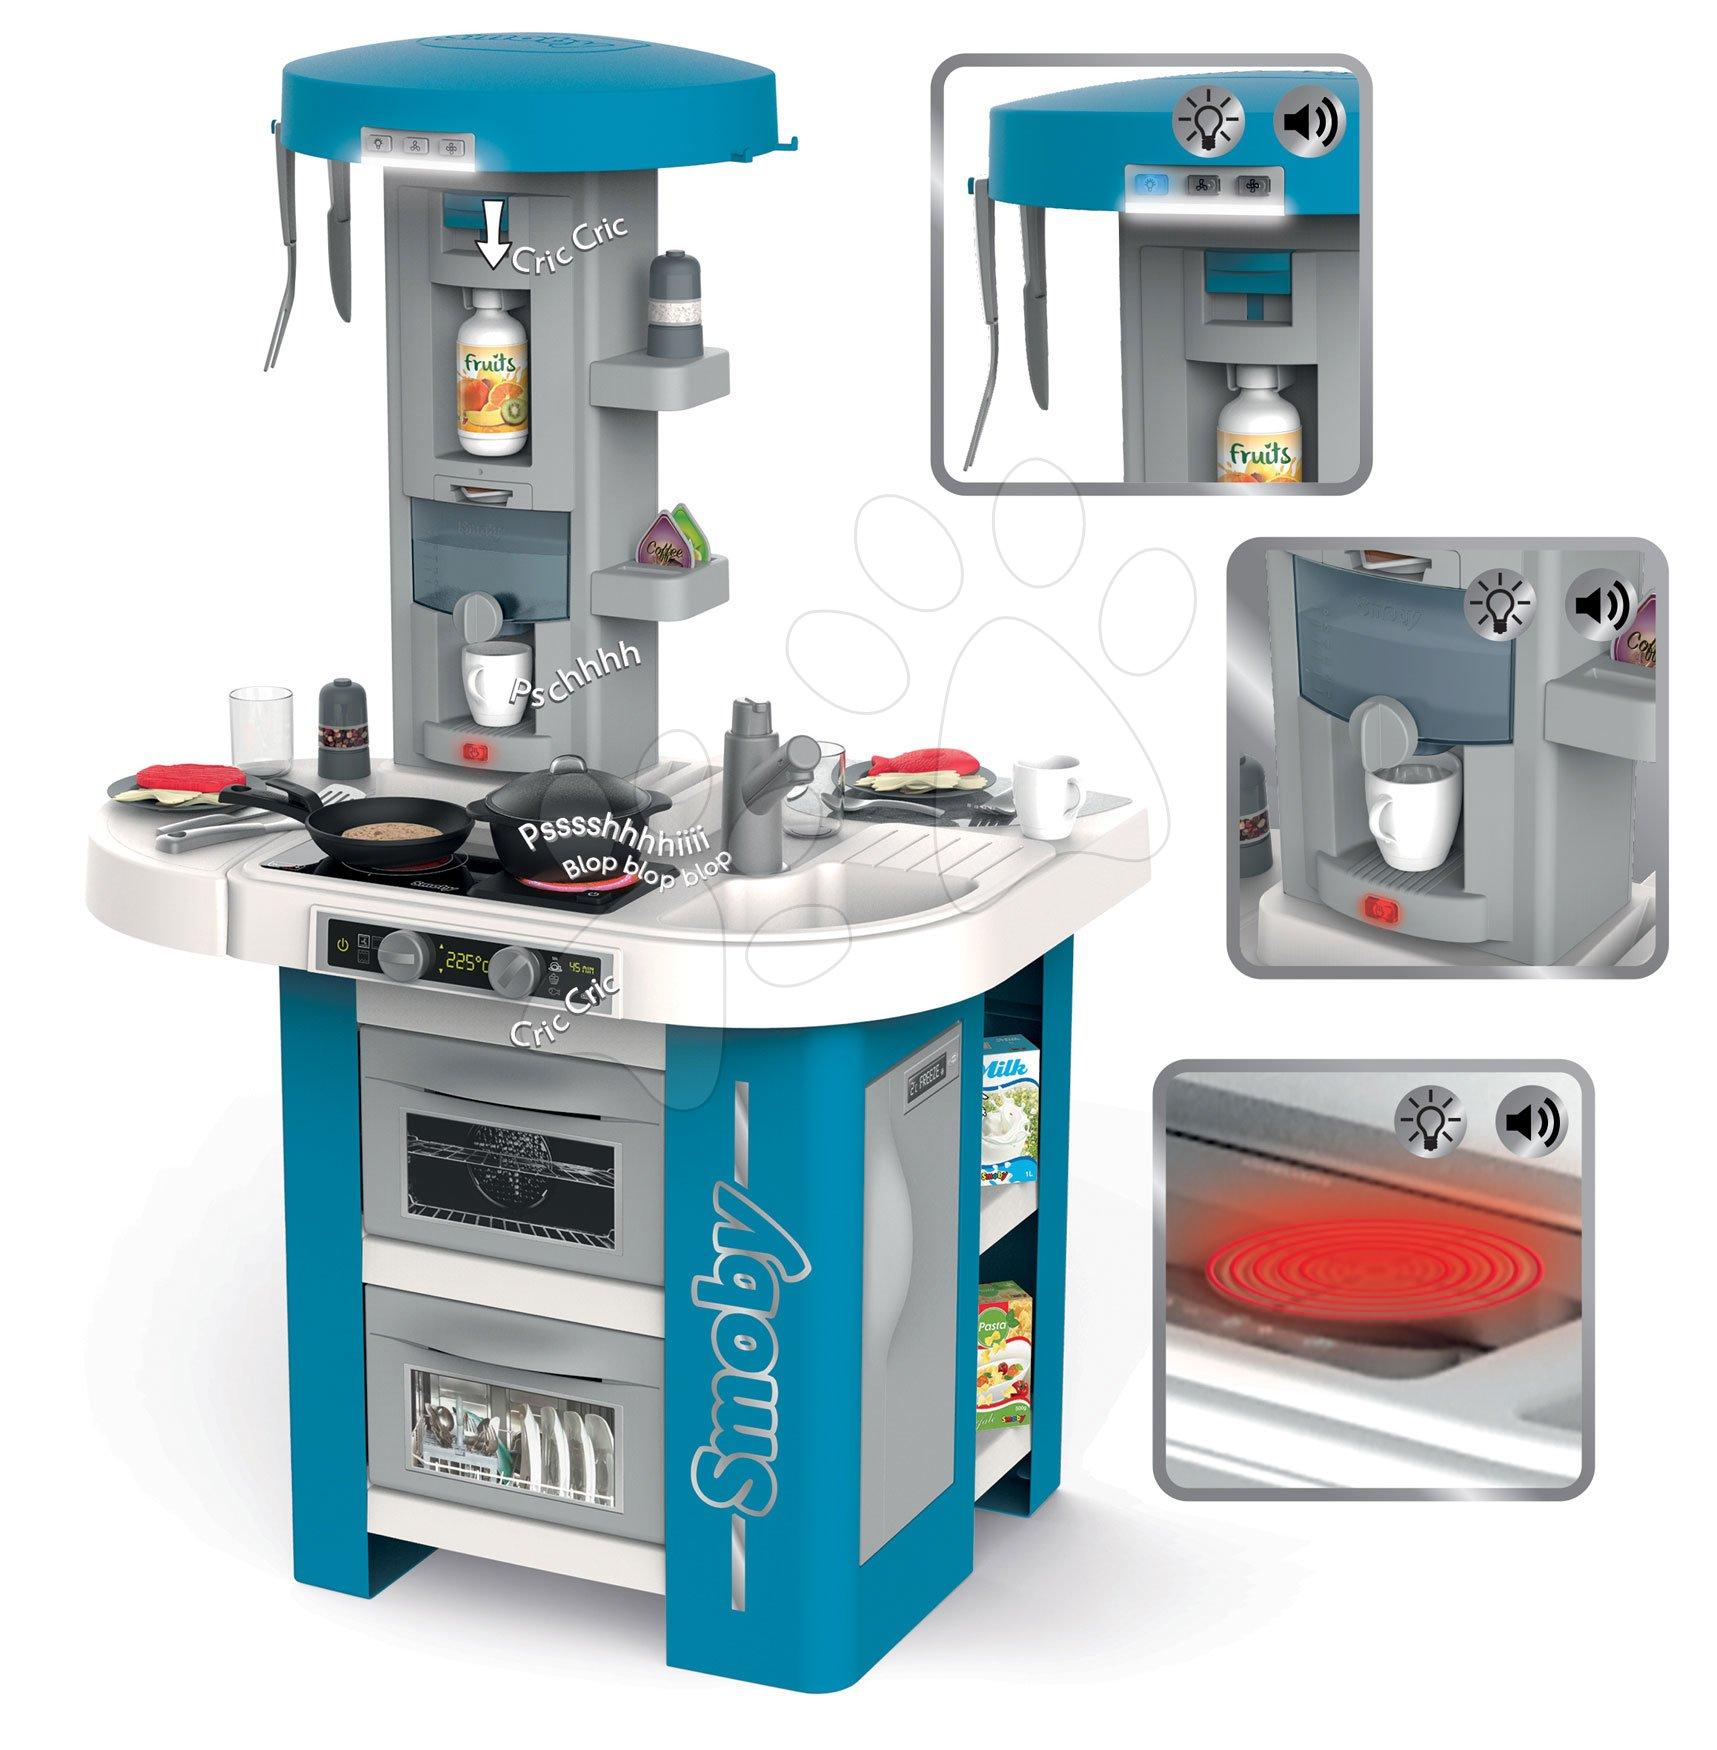 Kuchynka s technickým vybavením Tech Edition Smoby elektronická s mnohými zvukmi a svetlami a 35 doplnkov 100 cm vysoká (prac. doska 51 cm) SM311049